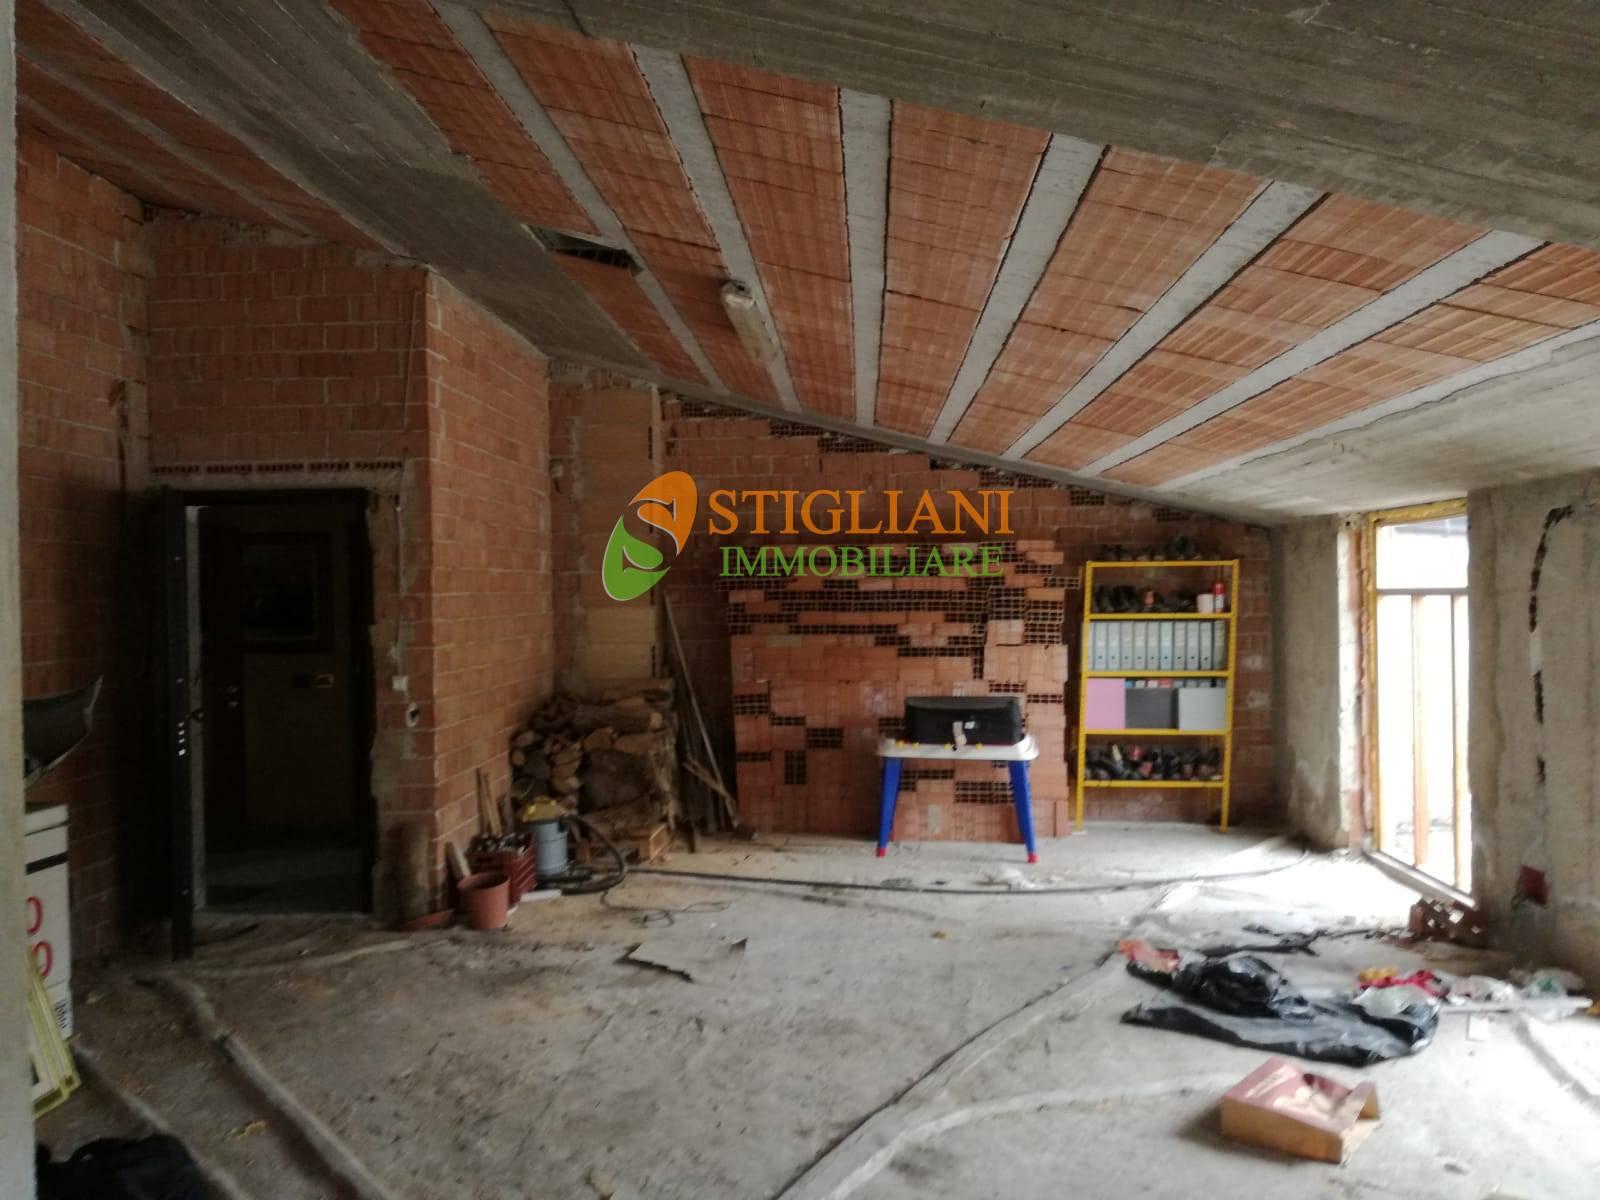 Appartamento in vendita a Ferrazzano, 1 locali, zona Località: ContradaSanGiacomo, prezzo € 39.000 | CambioCasa.it